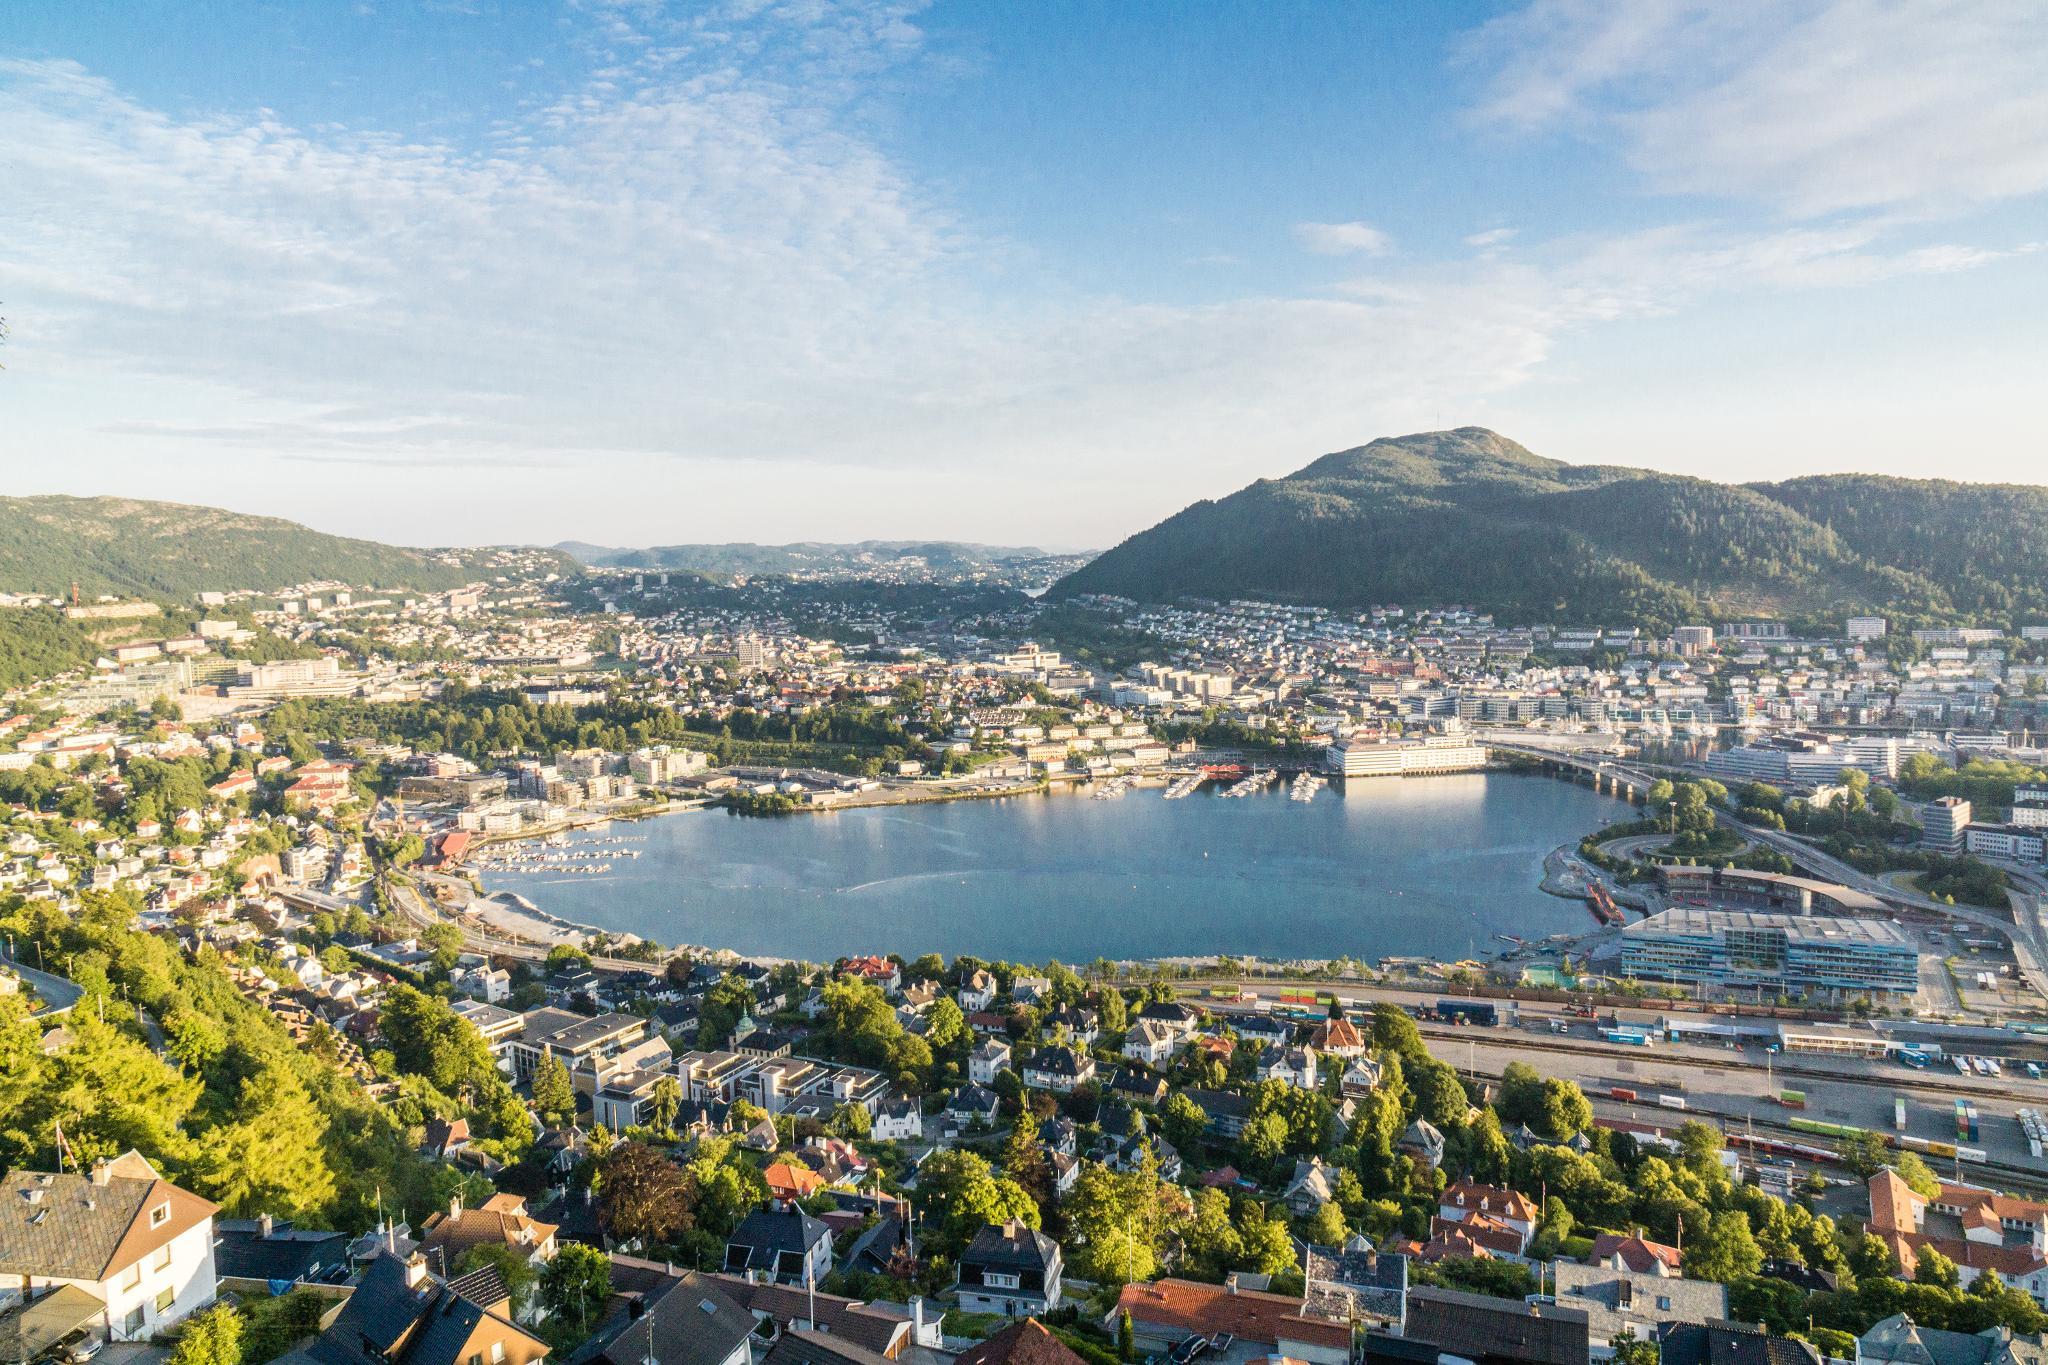 【卑爾根】Fløyen 佛洛伊恩山纜車與觀景台 — 擁抱文化港都的百萬美景 104